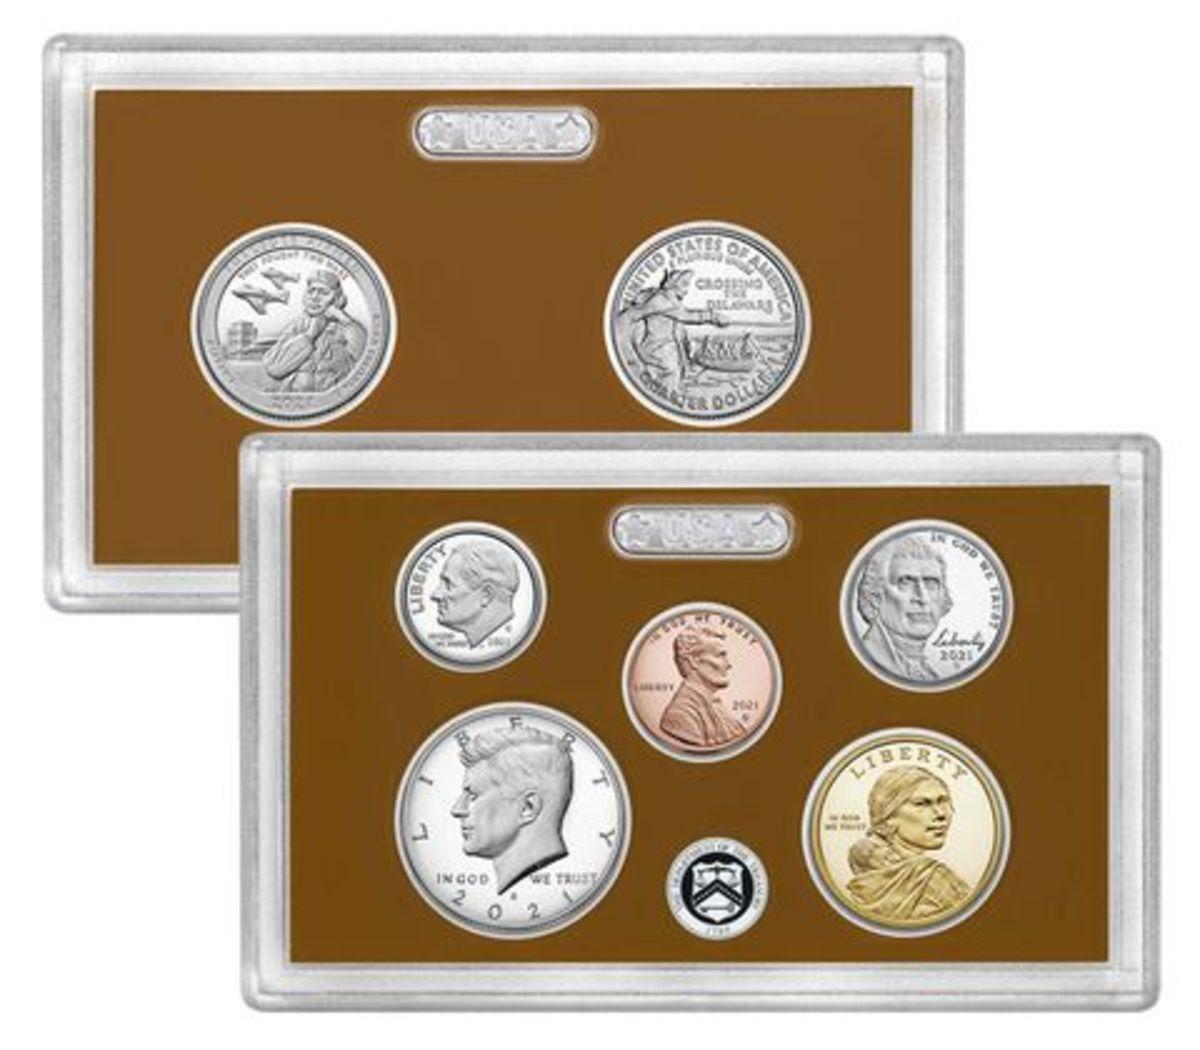 2021 U.S. Mint proof set. (Image courtesy U.S. Mint.)